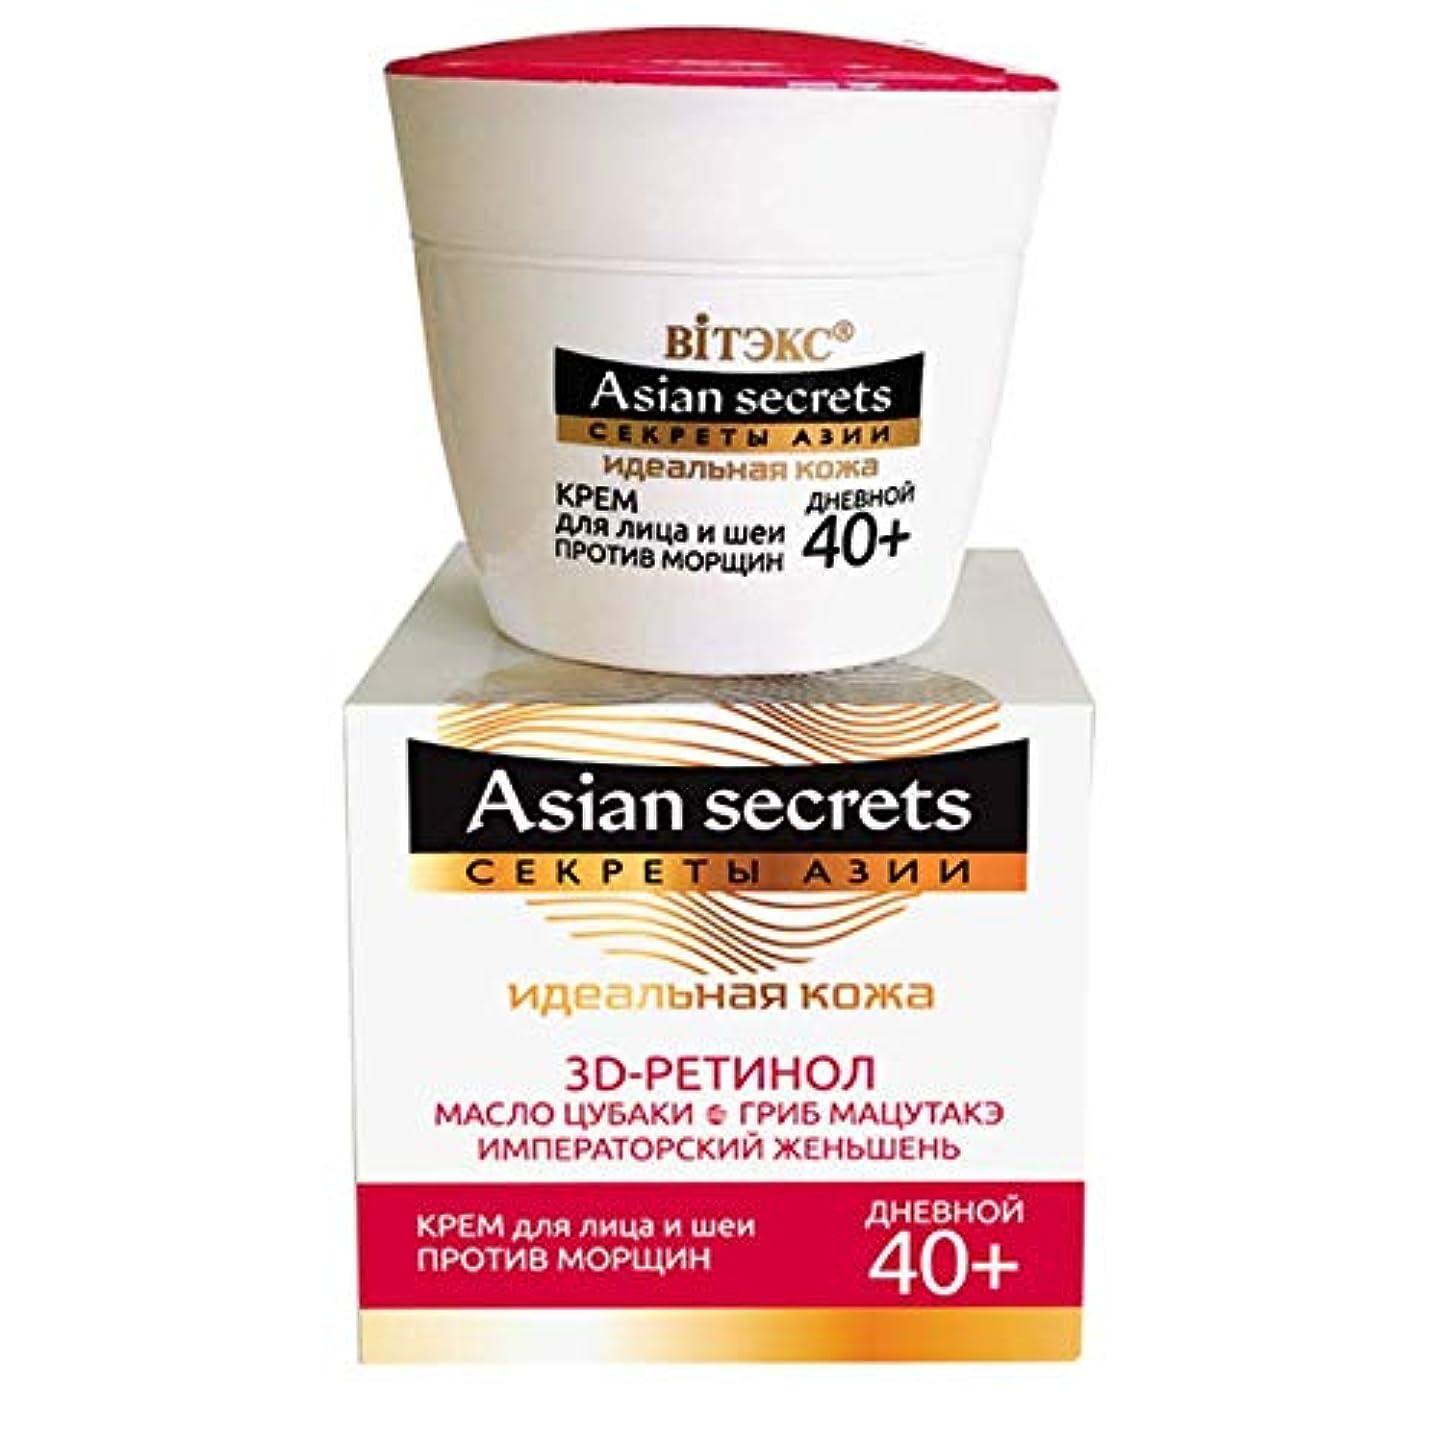 脅かす輪郭これまでSkin Care Moisturizer for dry skin and normal skin. Korean Beauty - Face day Cream Moisturizer   Japanese Camellia...